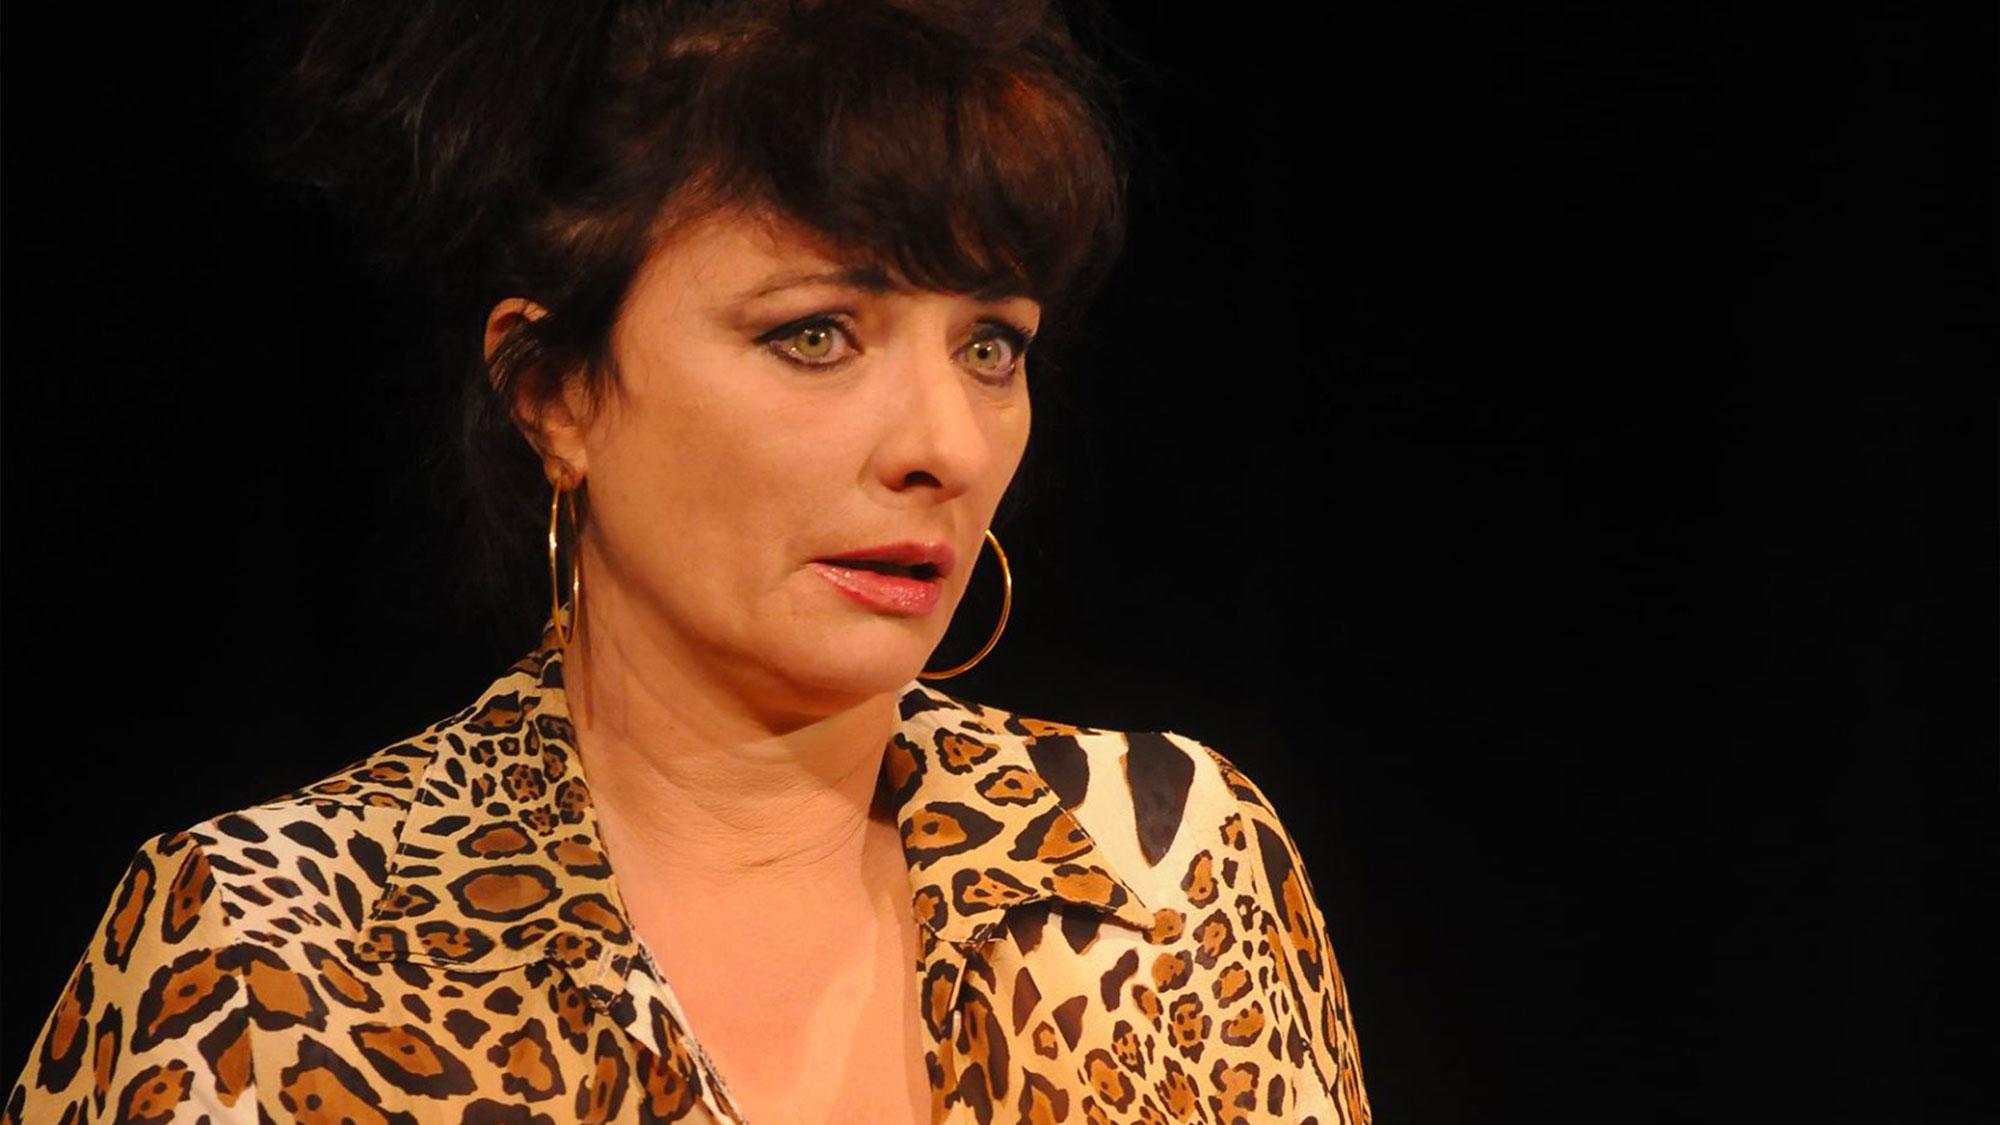 Décès d'Odile Schmitt, grande voix du doublage français : vous l'avez aussi entendue dans <em>Malcolm</em>